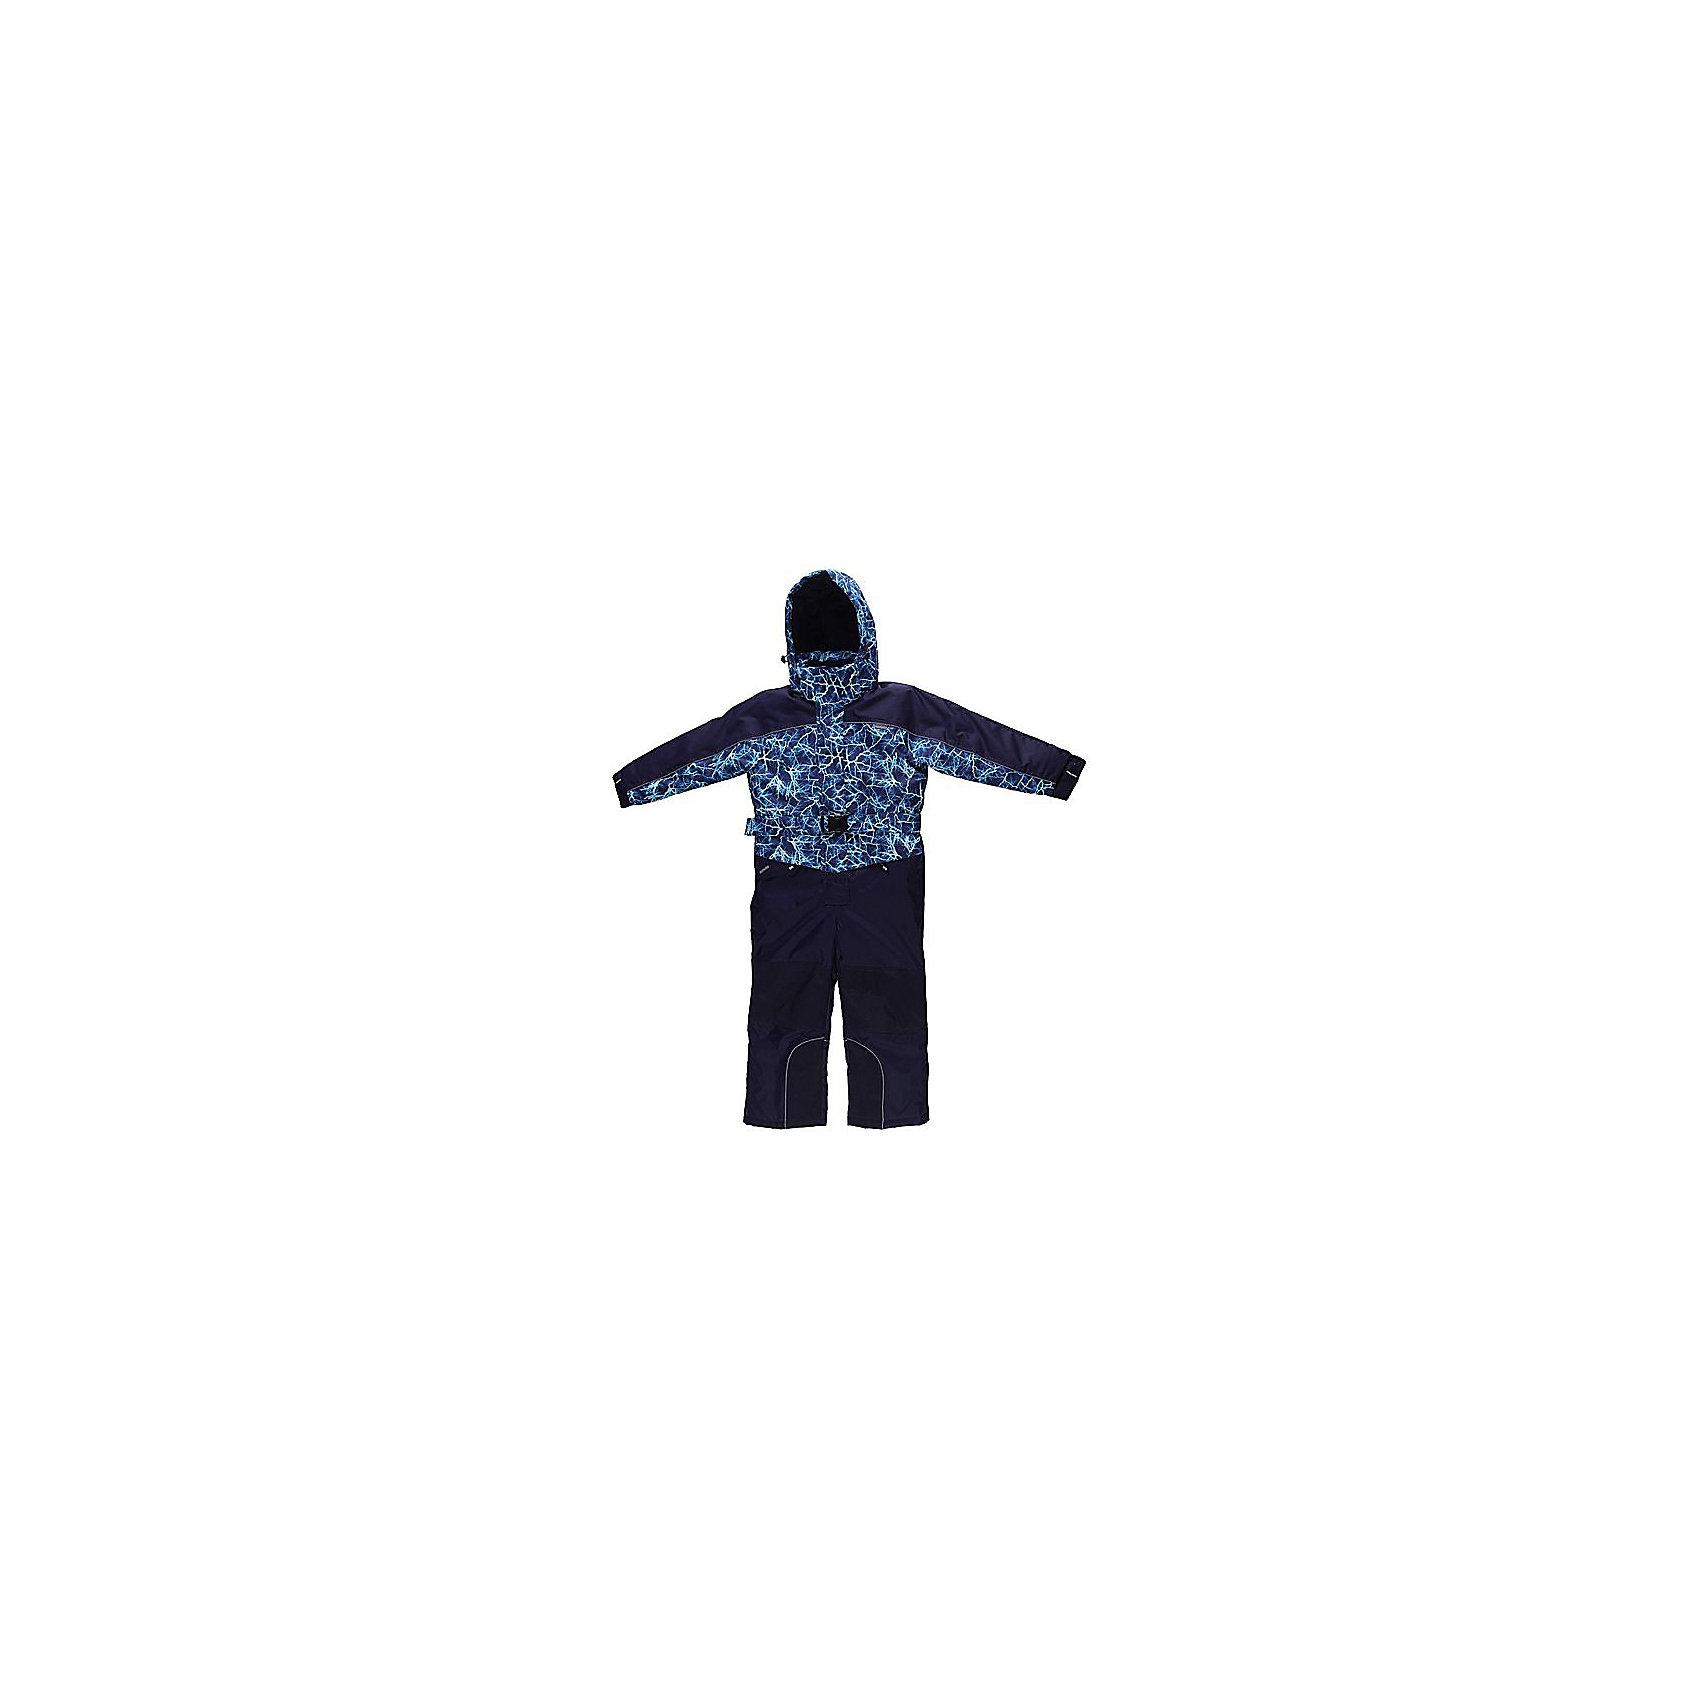 Комбинезон для мальчика Sweet BerryВерхняя одежда<br>Комбинезон для мальчика от известного бренда Sweet Berry<br>Яркий комбинезон для мальчиков из  мембранной, водонепроницаемой (Waterproof) - 10000мм, дышащей ( water vapor transmission rate, WVTR) -10000гг  ткани, с грязеотталкивающей пропиткой.  Съемный капюшон на кнопках регулируется резинкой со стоппером. Рукава с дополнительной манжетой с вырезом для пальца. Вставки из свето-отражающих кантов. Две ветрозащитные планки. Внутри подкладка из флиса и внутренний карман.  Внизу штанин имеются внутренние манжеты из подкладке на прорезиненной эластичной резинки.  Утеплитель 200гр.-тело, 180гр.-рукава, брюки.<br>Состав:<br>Верх:  100%полиэстер,  100%нейлон.  Подкладка: 100%полиэстер. Наполнитель: 100%полиэстер<br><br>Ширина мм: 356<br>Глубина мм: 10<br>Высота мм: 245<br>Вес г: 519<br>Цвет: синий<br>Возраст от месяцев: 36<br>Возраст до месяцев: 48<br>Пол: Мужской<br>Возраст: Детский<br>Размер: 104,134,110,116,122,128,92,98<br>SKU: 4960148